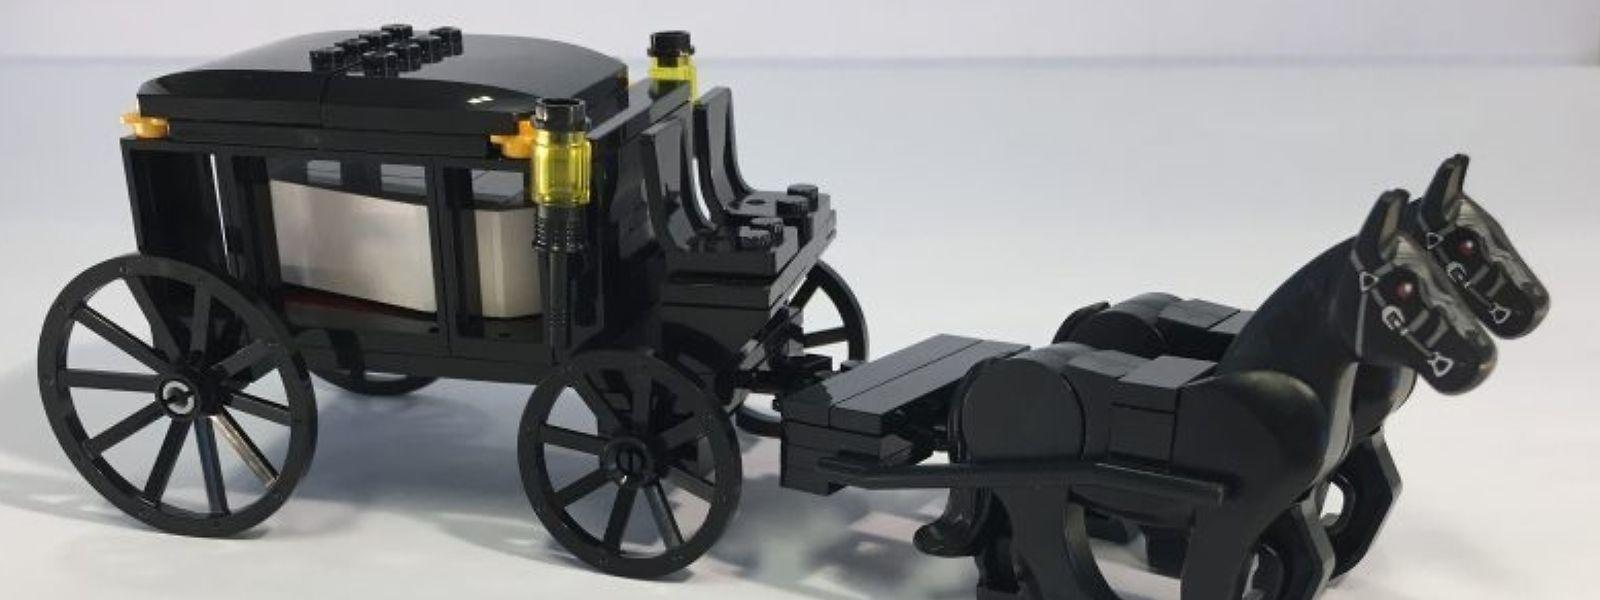 Spielerisch lernen mit der Lego-Trauerkutsche: Das Spielzeug soll Kindern das Thema Tod näher bringen.